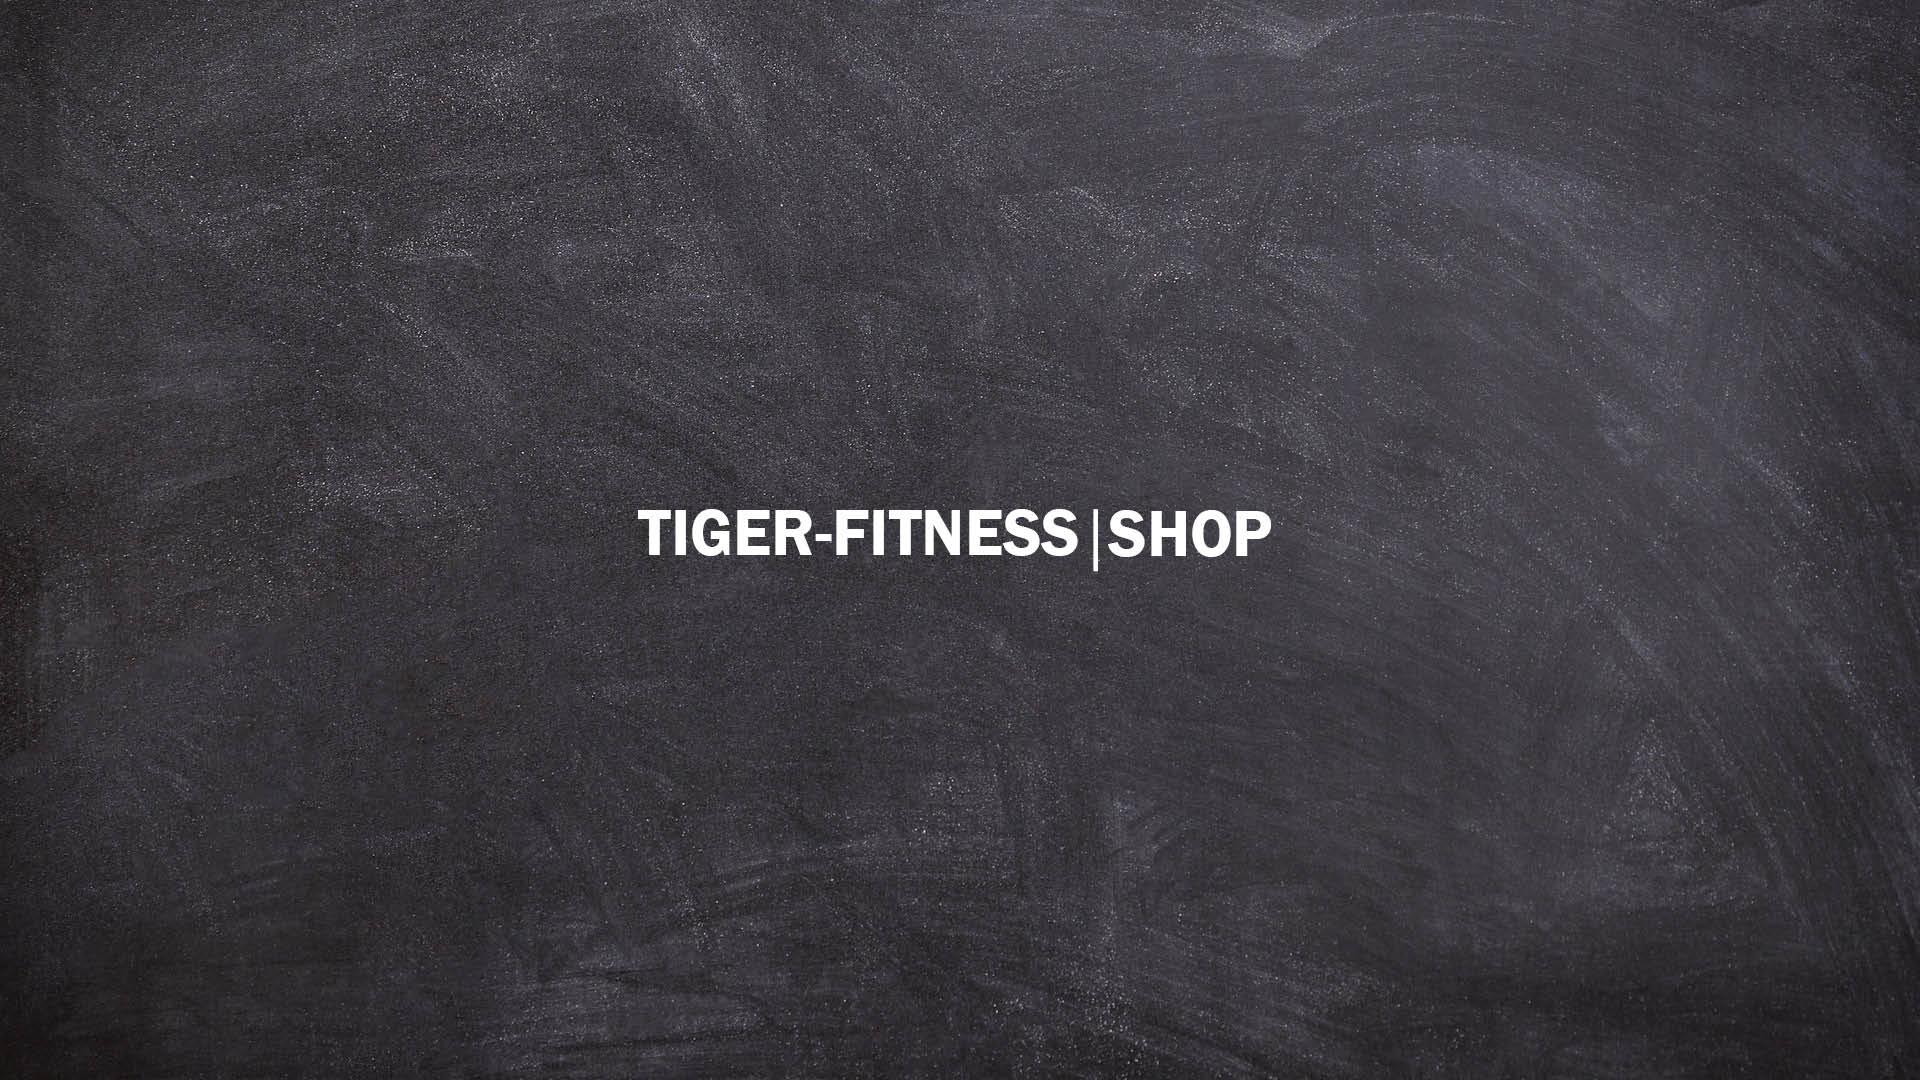 shop_header_03.jpg